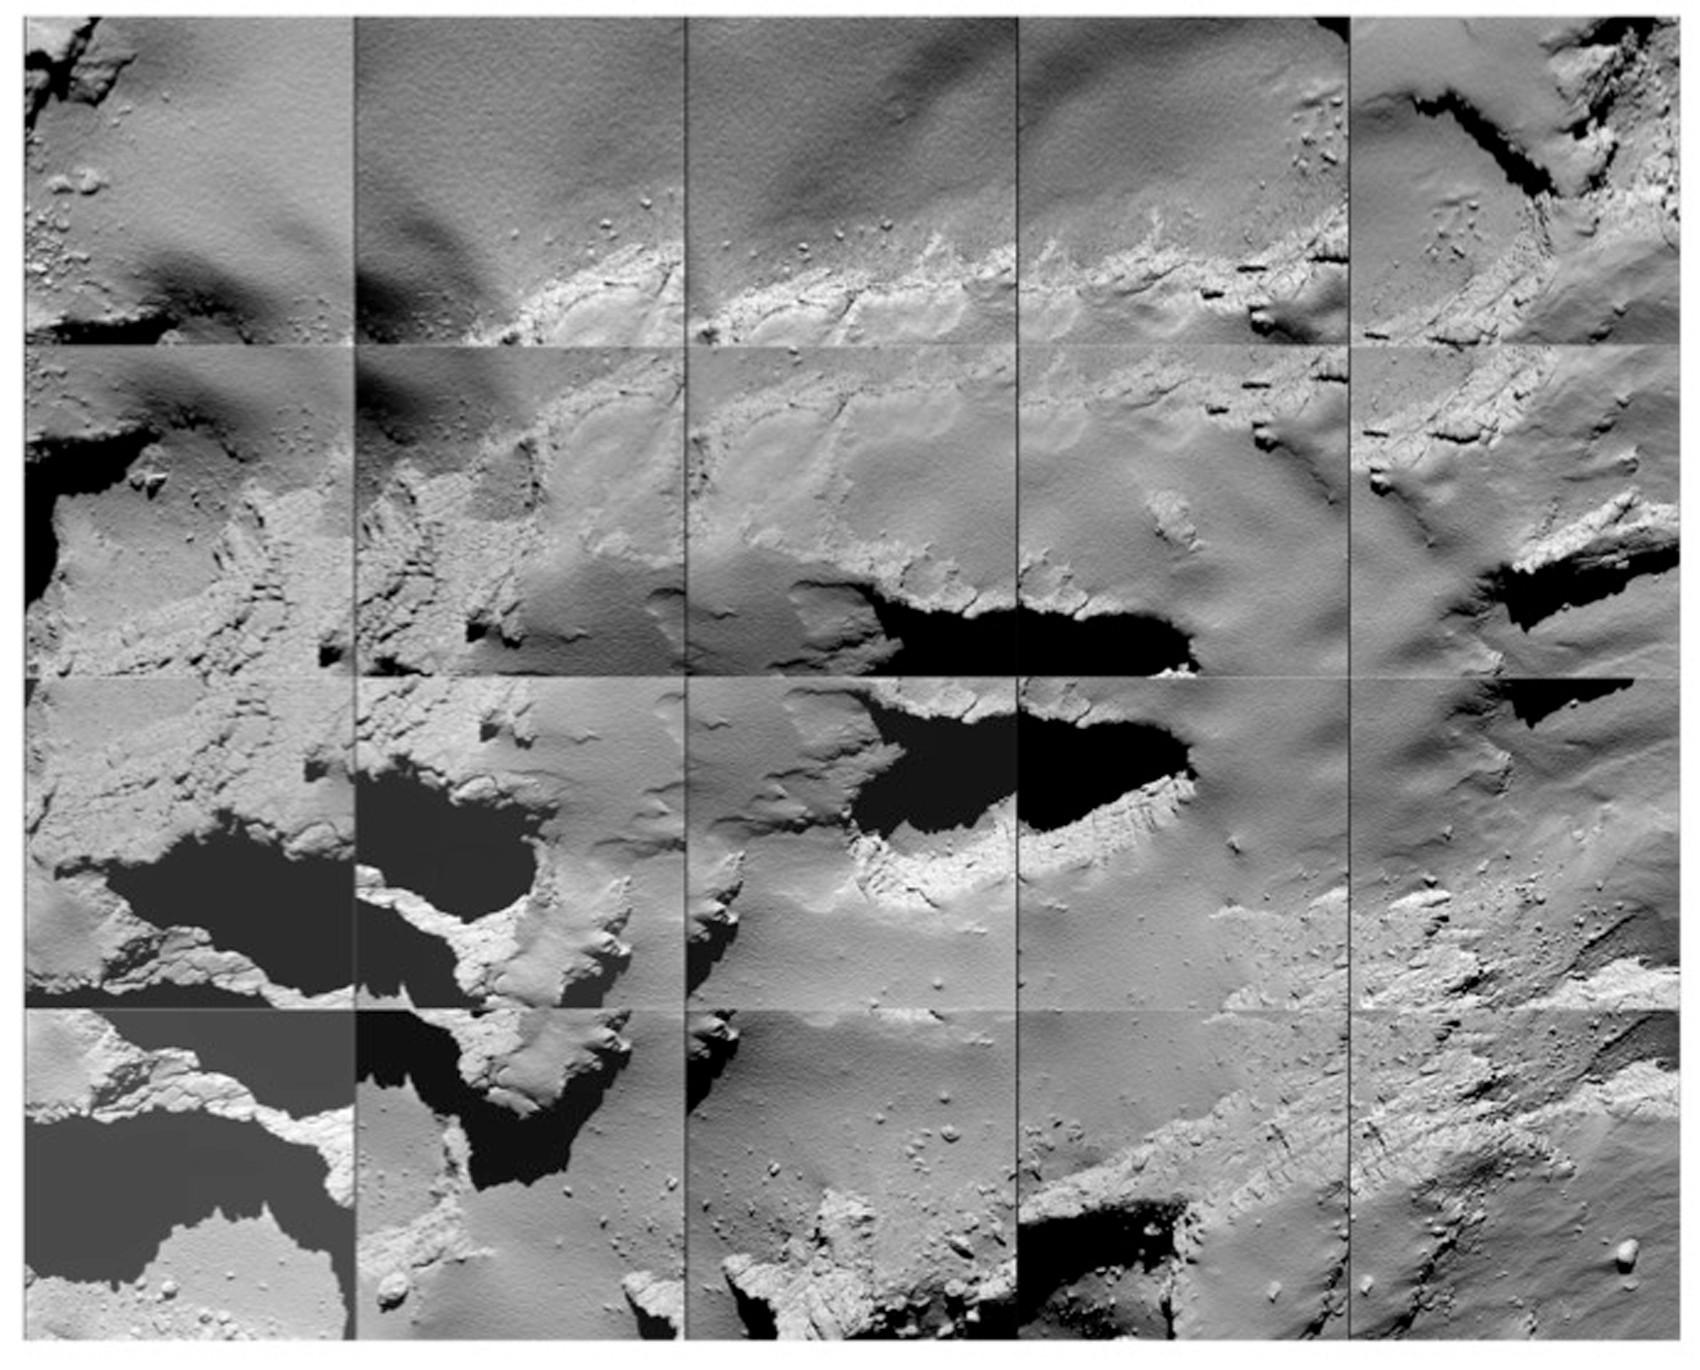 Local de pouso no cometa; imagem foi tirada enquanto Rosetta descia